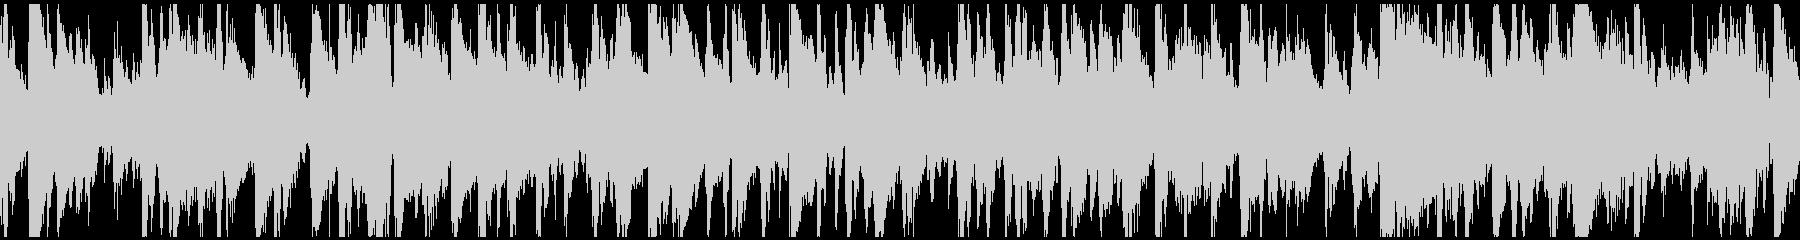 アコースティックピアノ、アコーステ...の未再生の波形